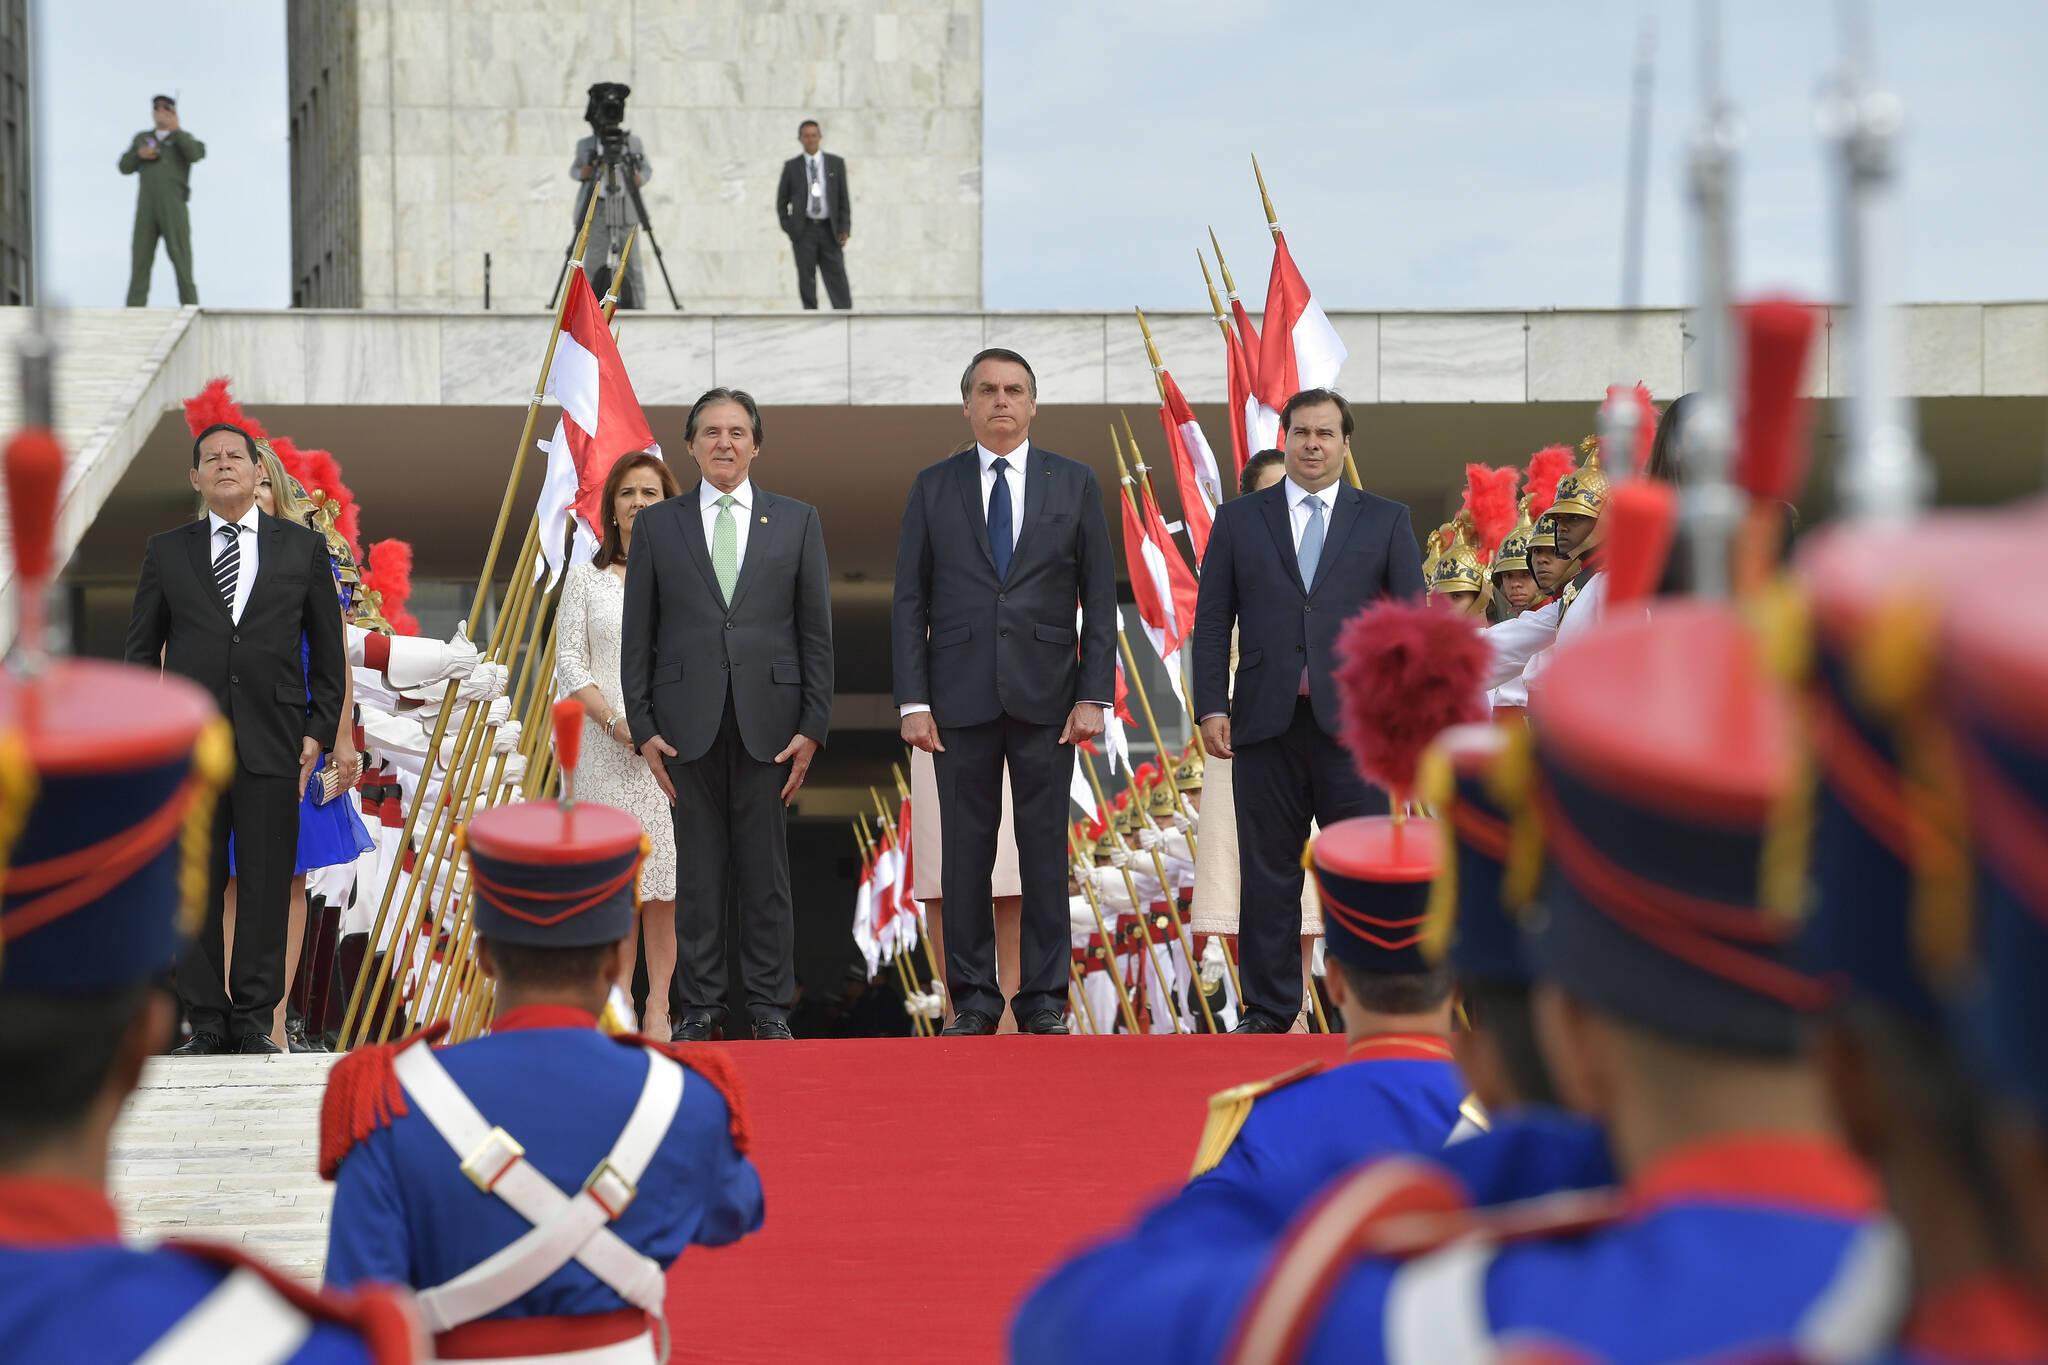 Presidente caminhou pelo tapete vermelho em meio a militares, ao lado de Eunício Oliveira e Rodrigo Maia. Foto: Jefferson Rudy/Agência Senado - 1.1.19